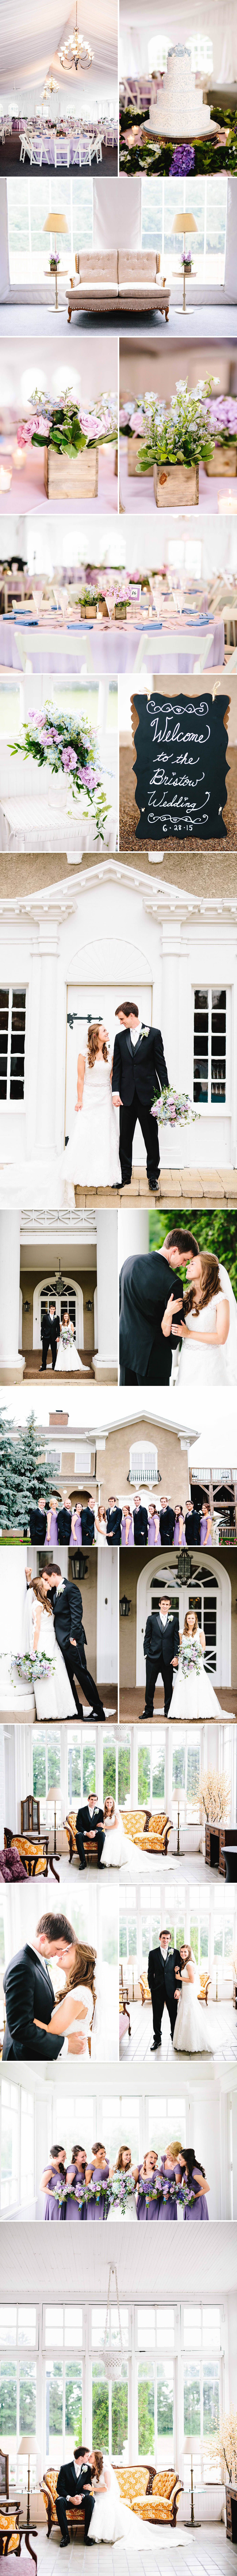 chicago-fine-art-wedding-photography-bristow6